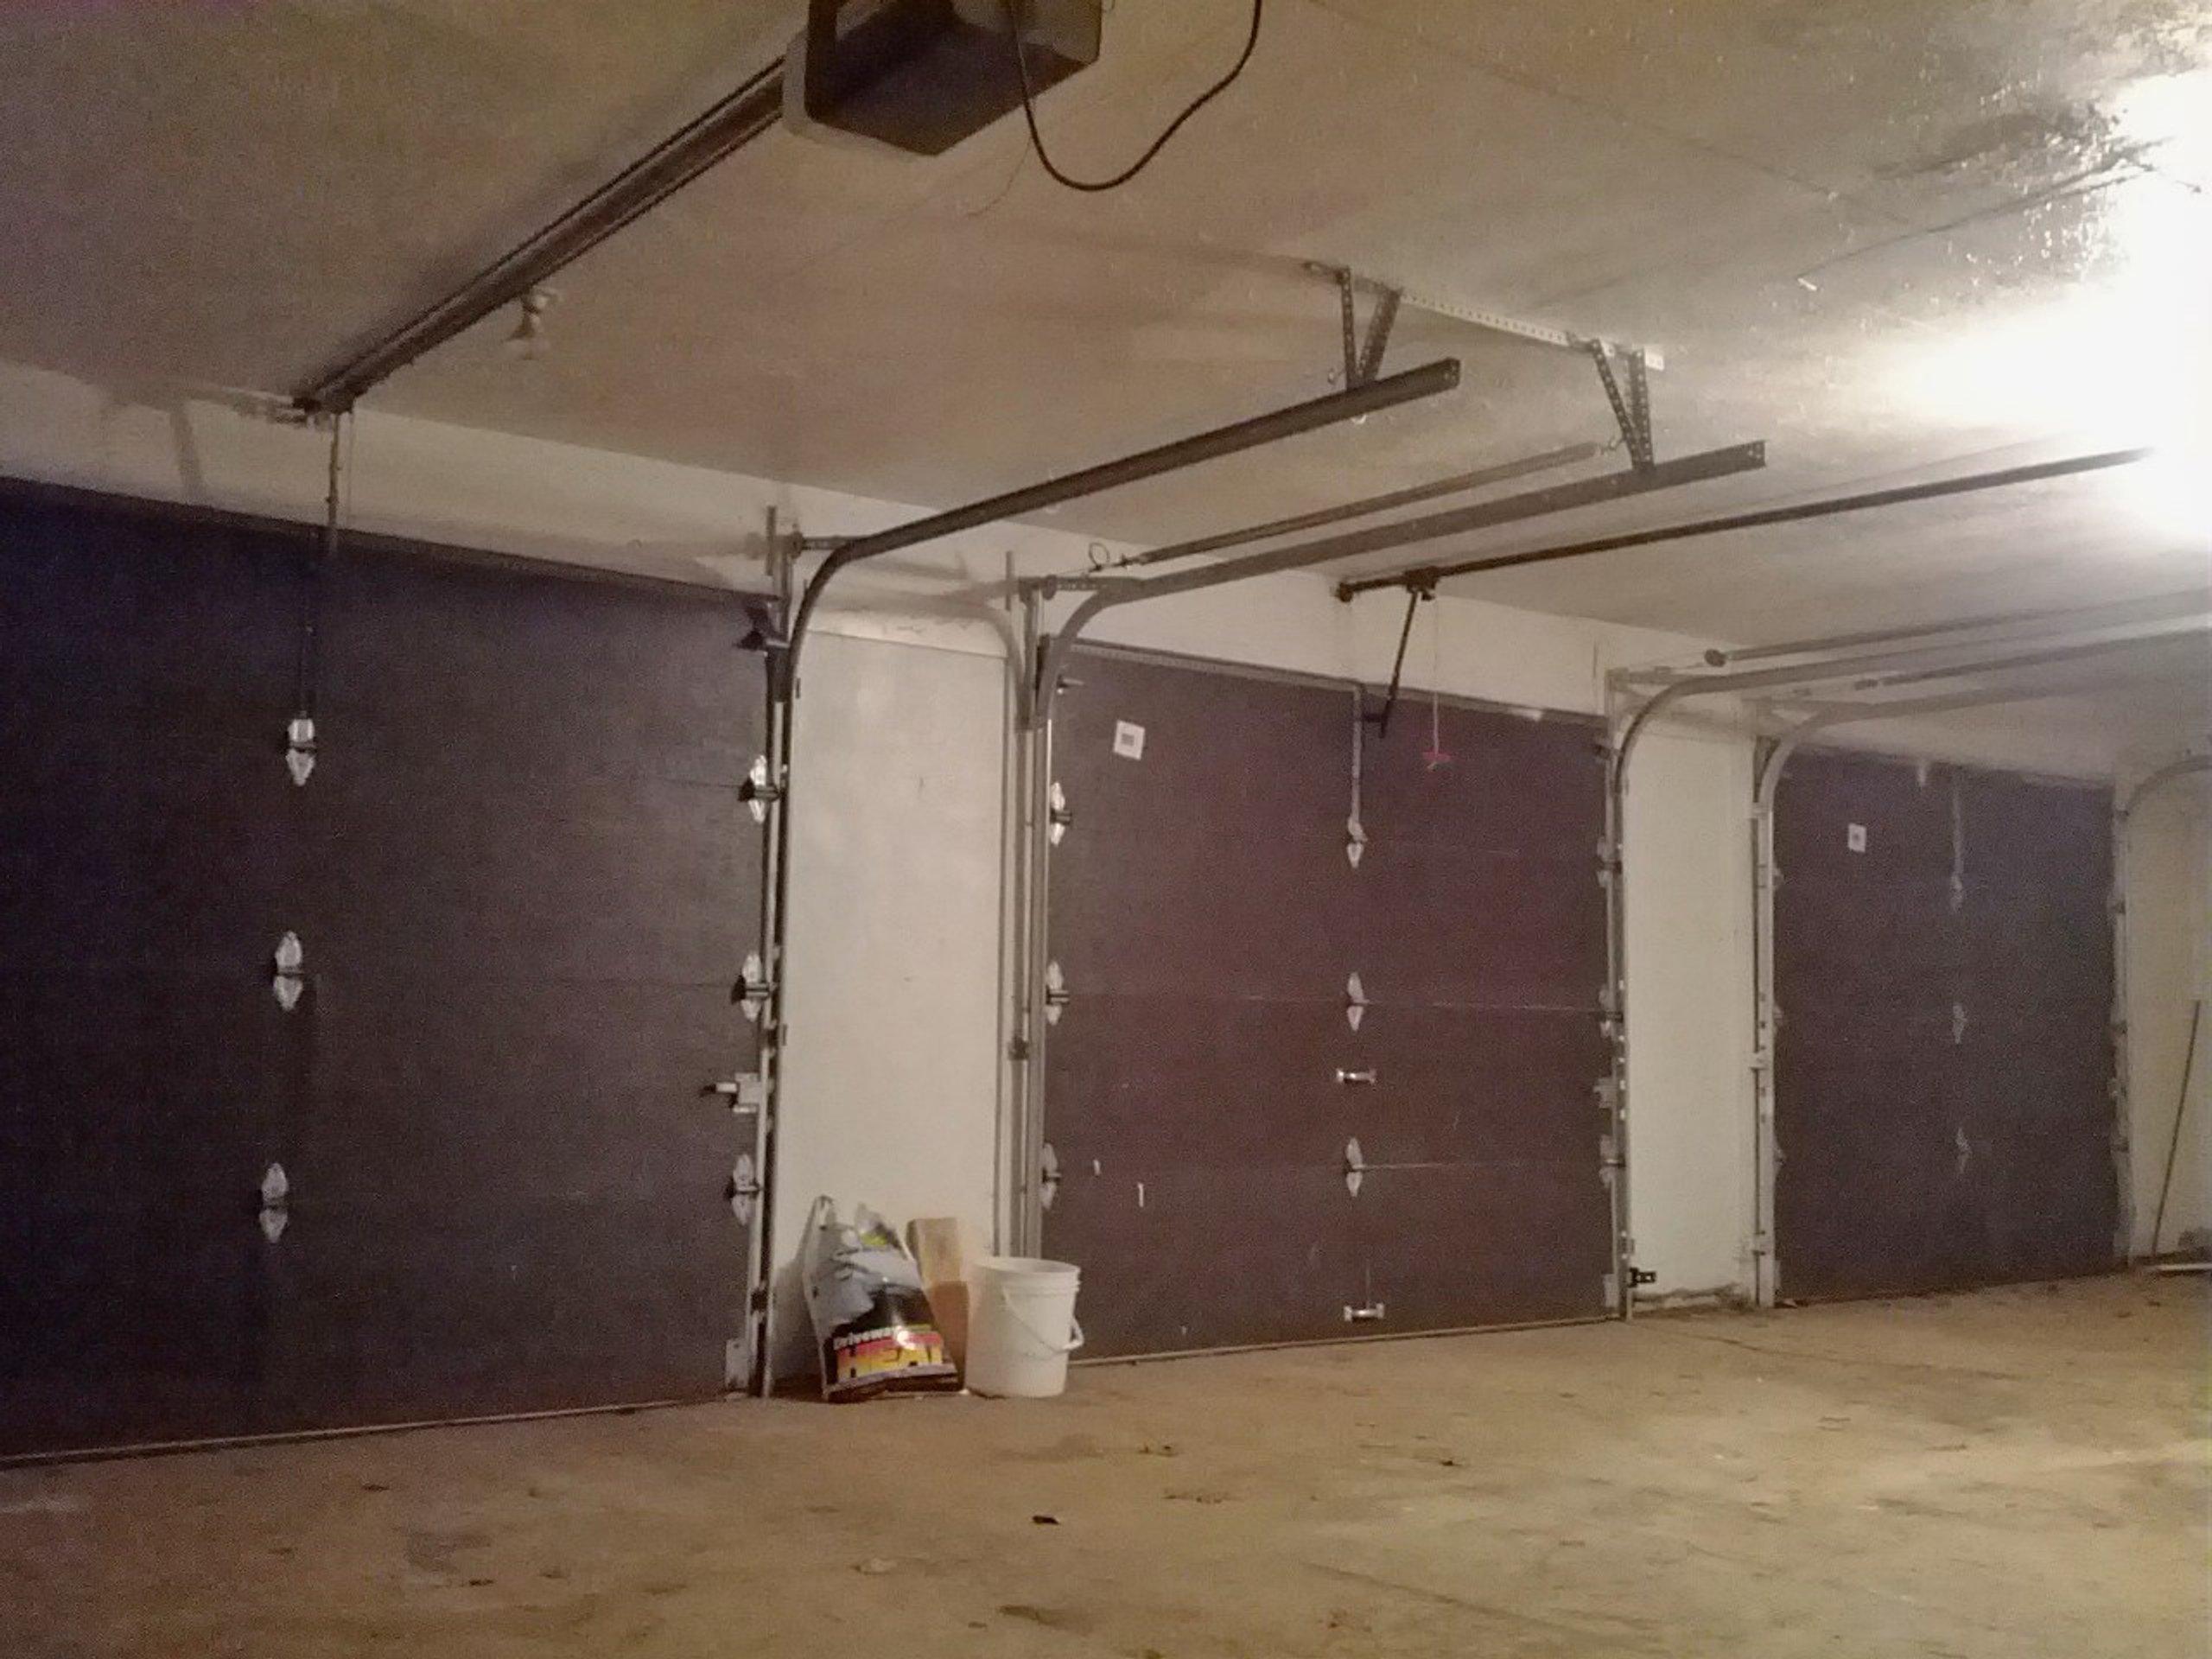 30x20 Garage self storage unit